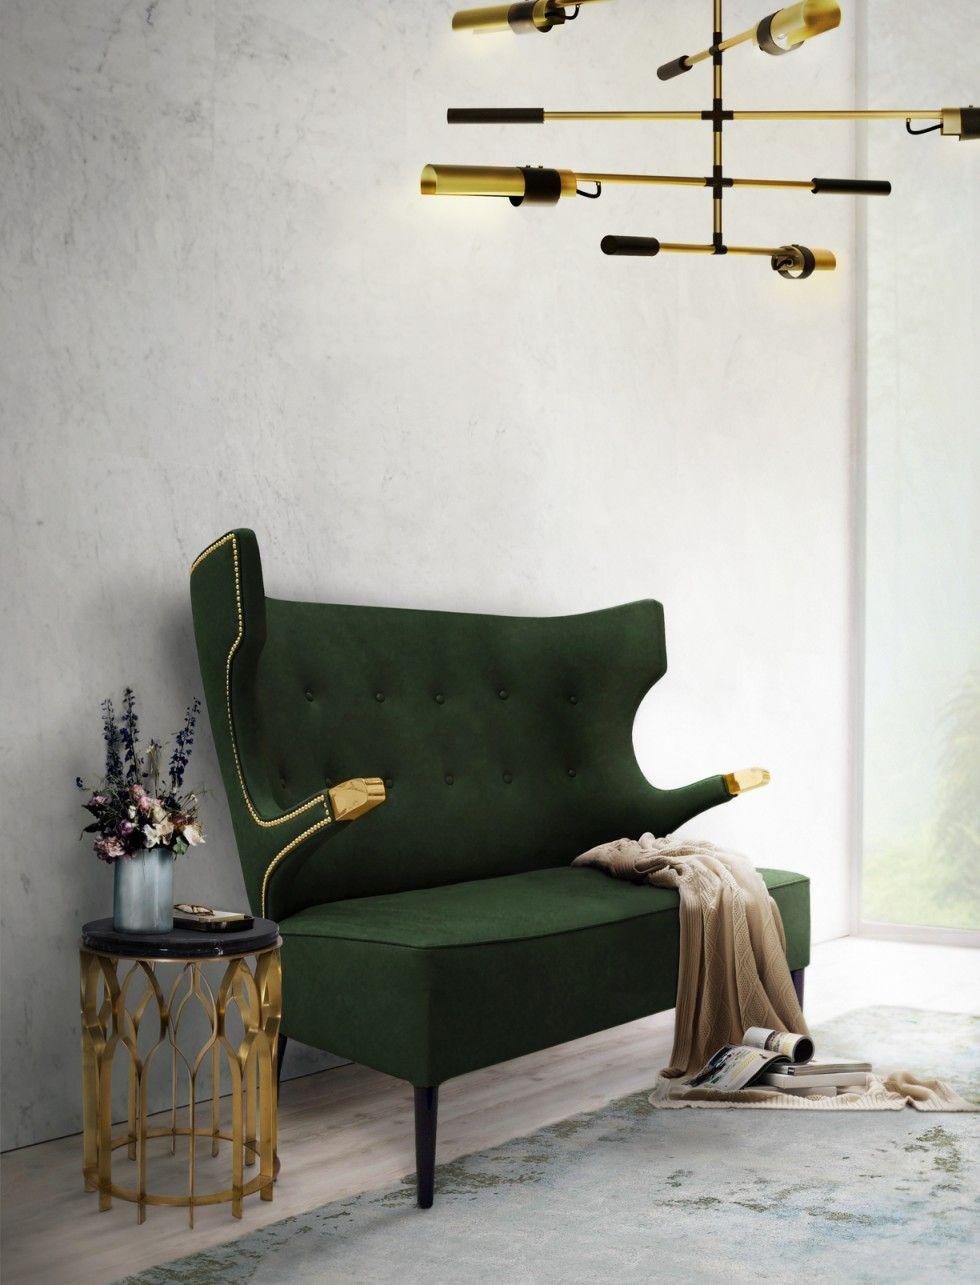 Das teurere möbel messing tisch grünem samt 2 sitzer sofa und moderne